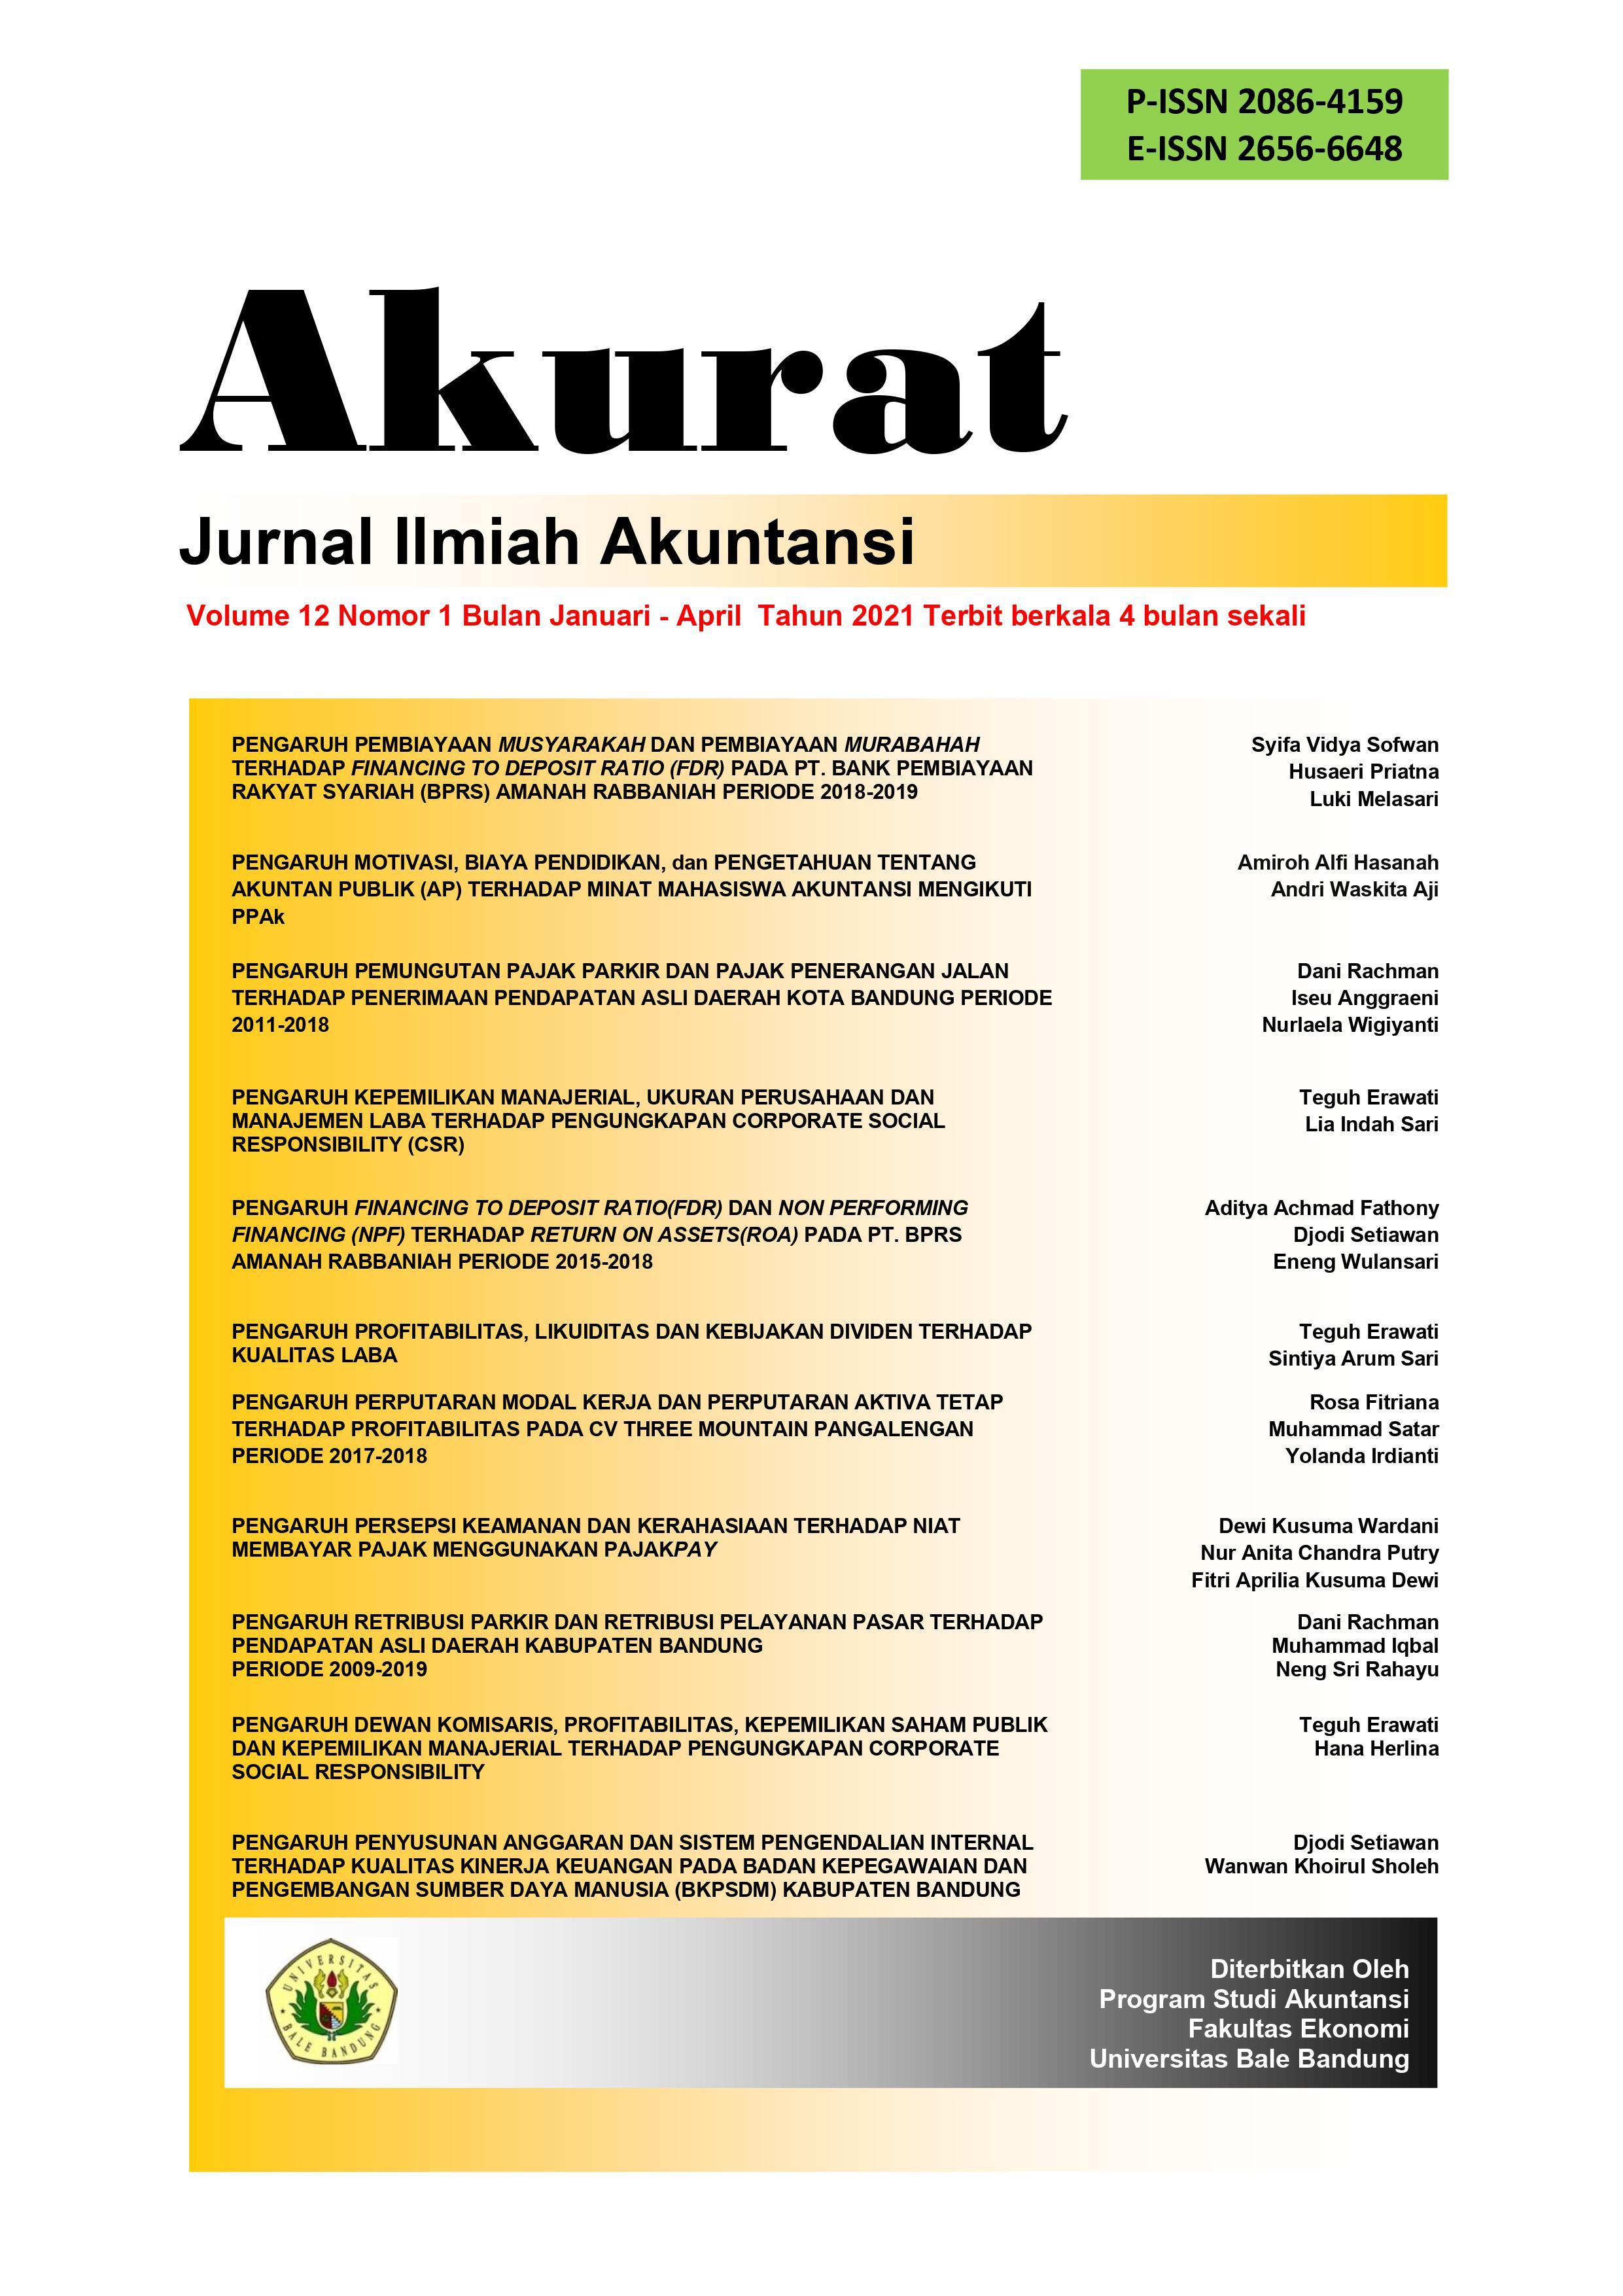 View Vol. 12 No. 1 (2021): AKURAT Edisi Januari - April 2021 | Jurnal Ilmiah Akuntansi FE UNIBBA